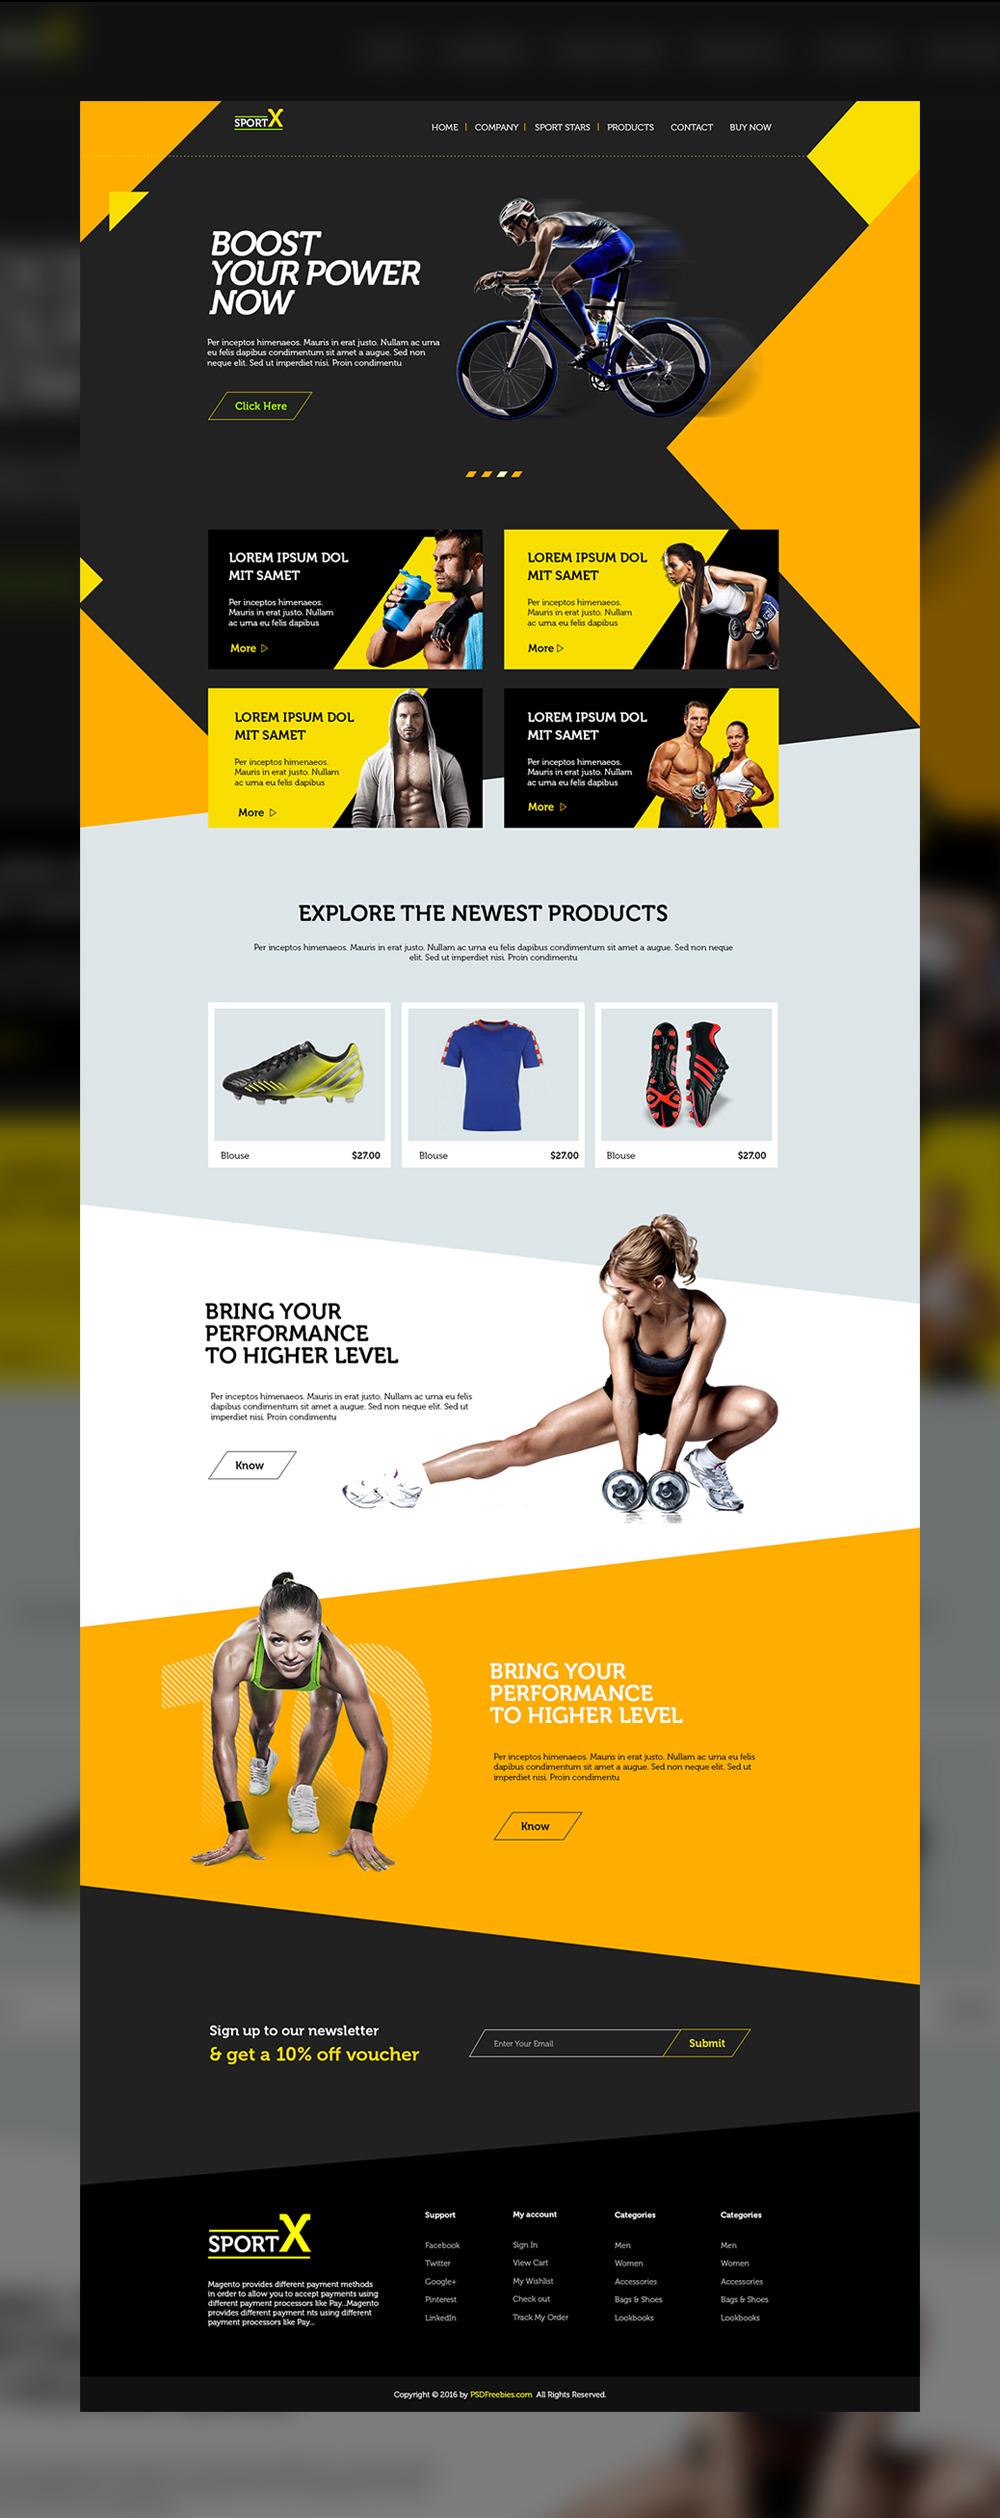 무료 스포츠 용품점 웹사이트 PSD 템플릿 - Free Sports Shop Website Multipurpose PSD Template